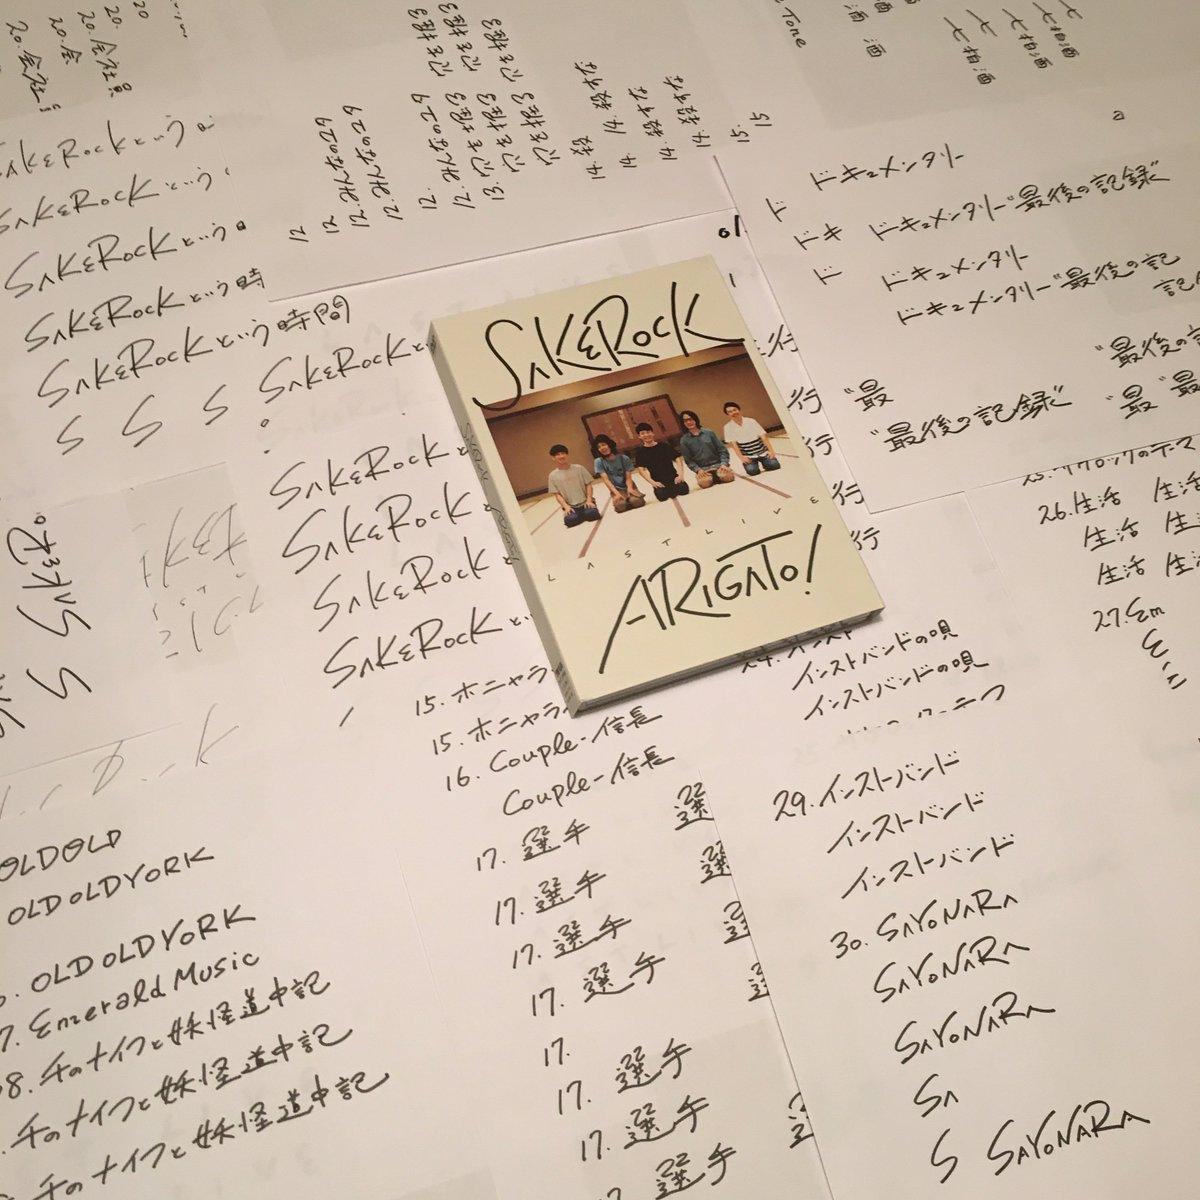 """SAKEROCK LAST LIVE """"ARIGATO!"""" ありがとう! https://t.co/zjgkq9T97A https://t.co/4gZOdkv8K8"""